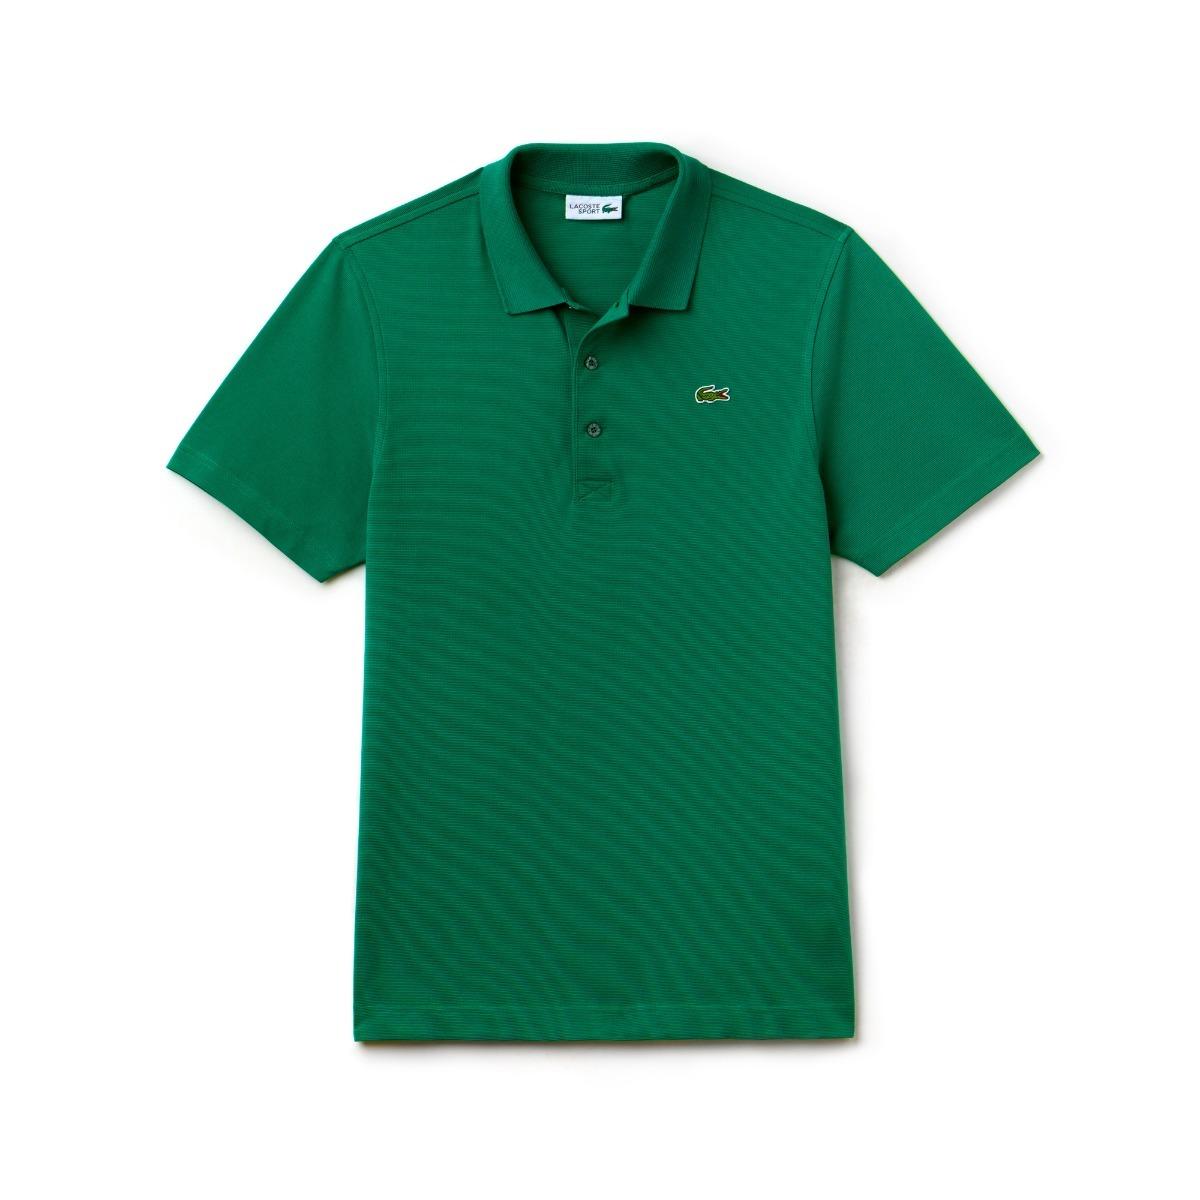 722d46264cac8 camisa polo lacoste sport original 123021. Carregando zoom.